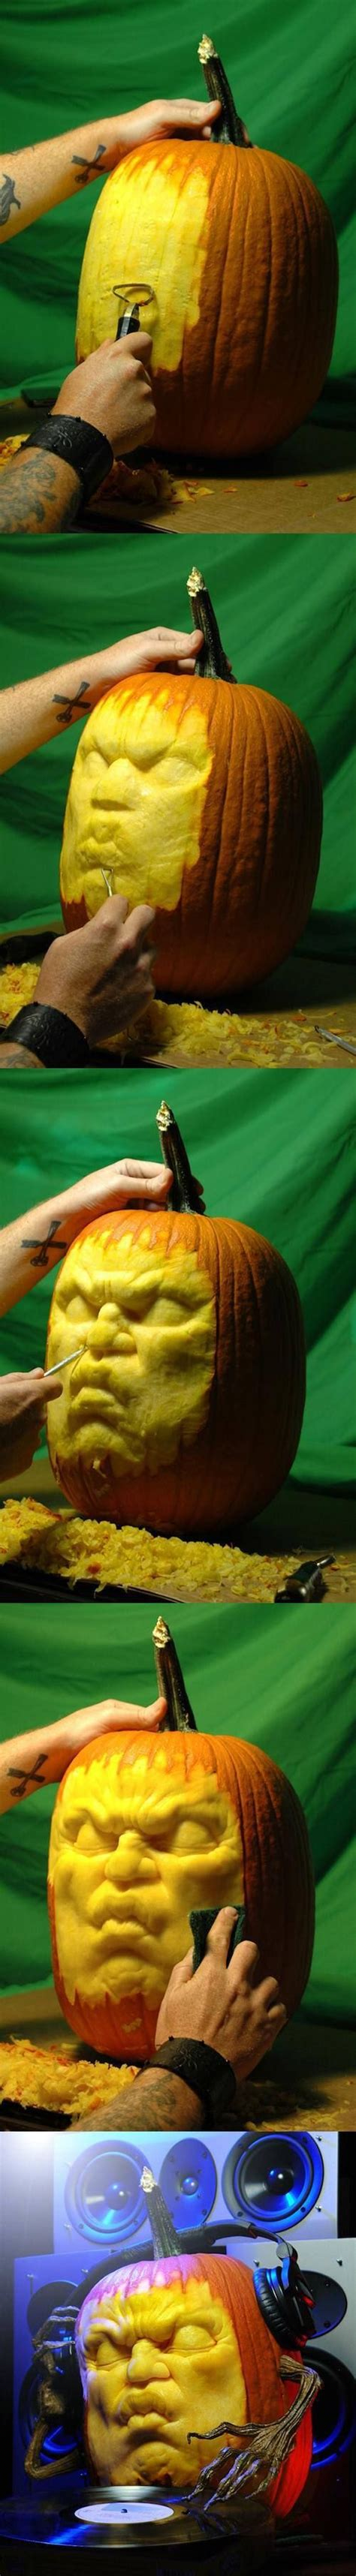 25 best ideas about pumpkin carvings on pumpkin carving pumpkin